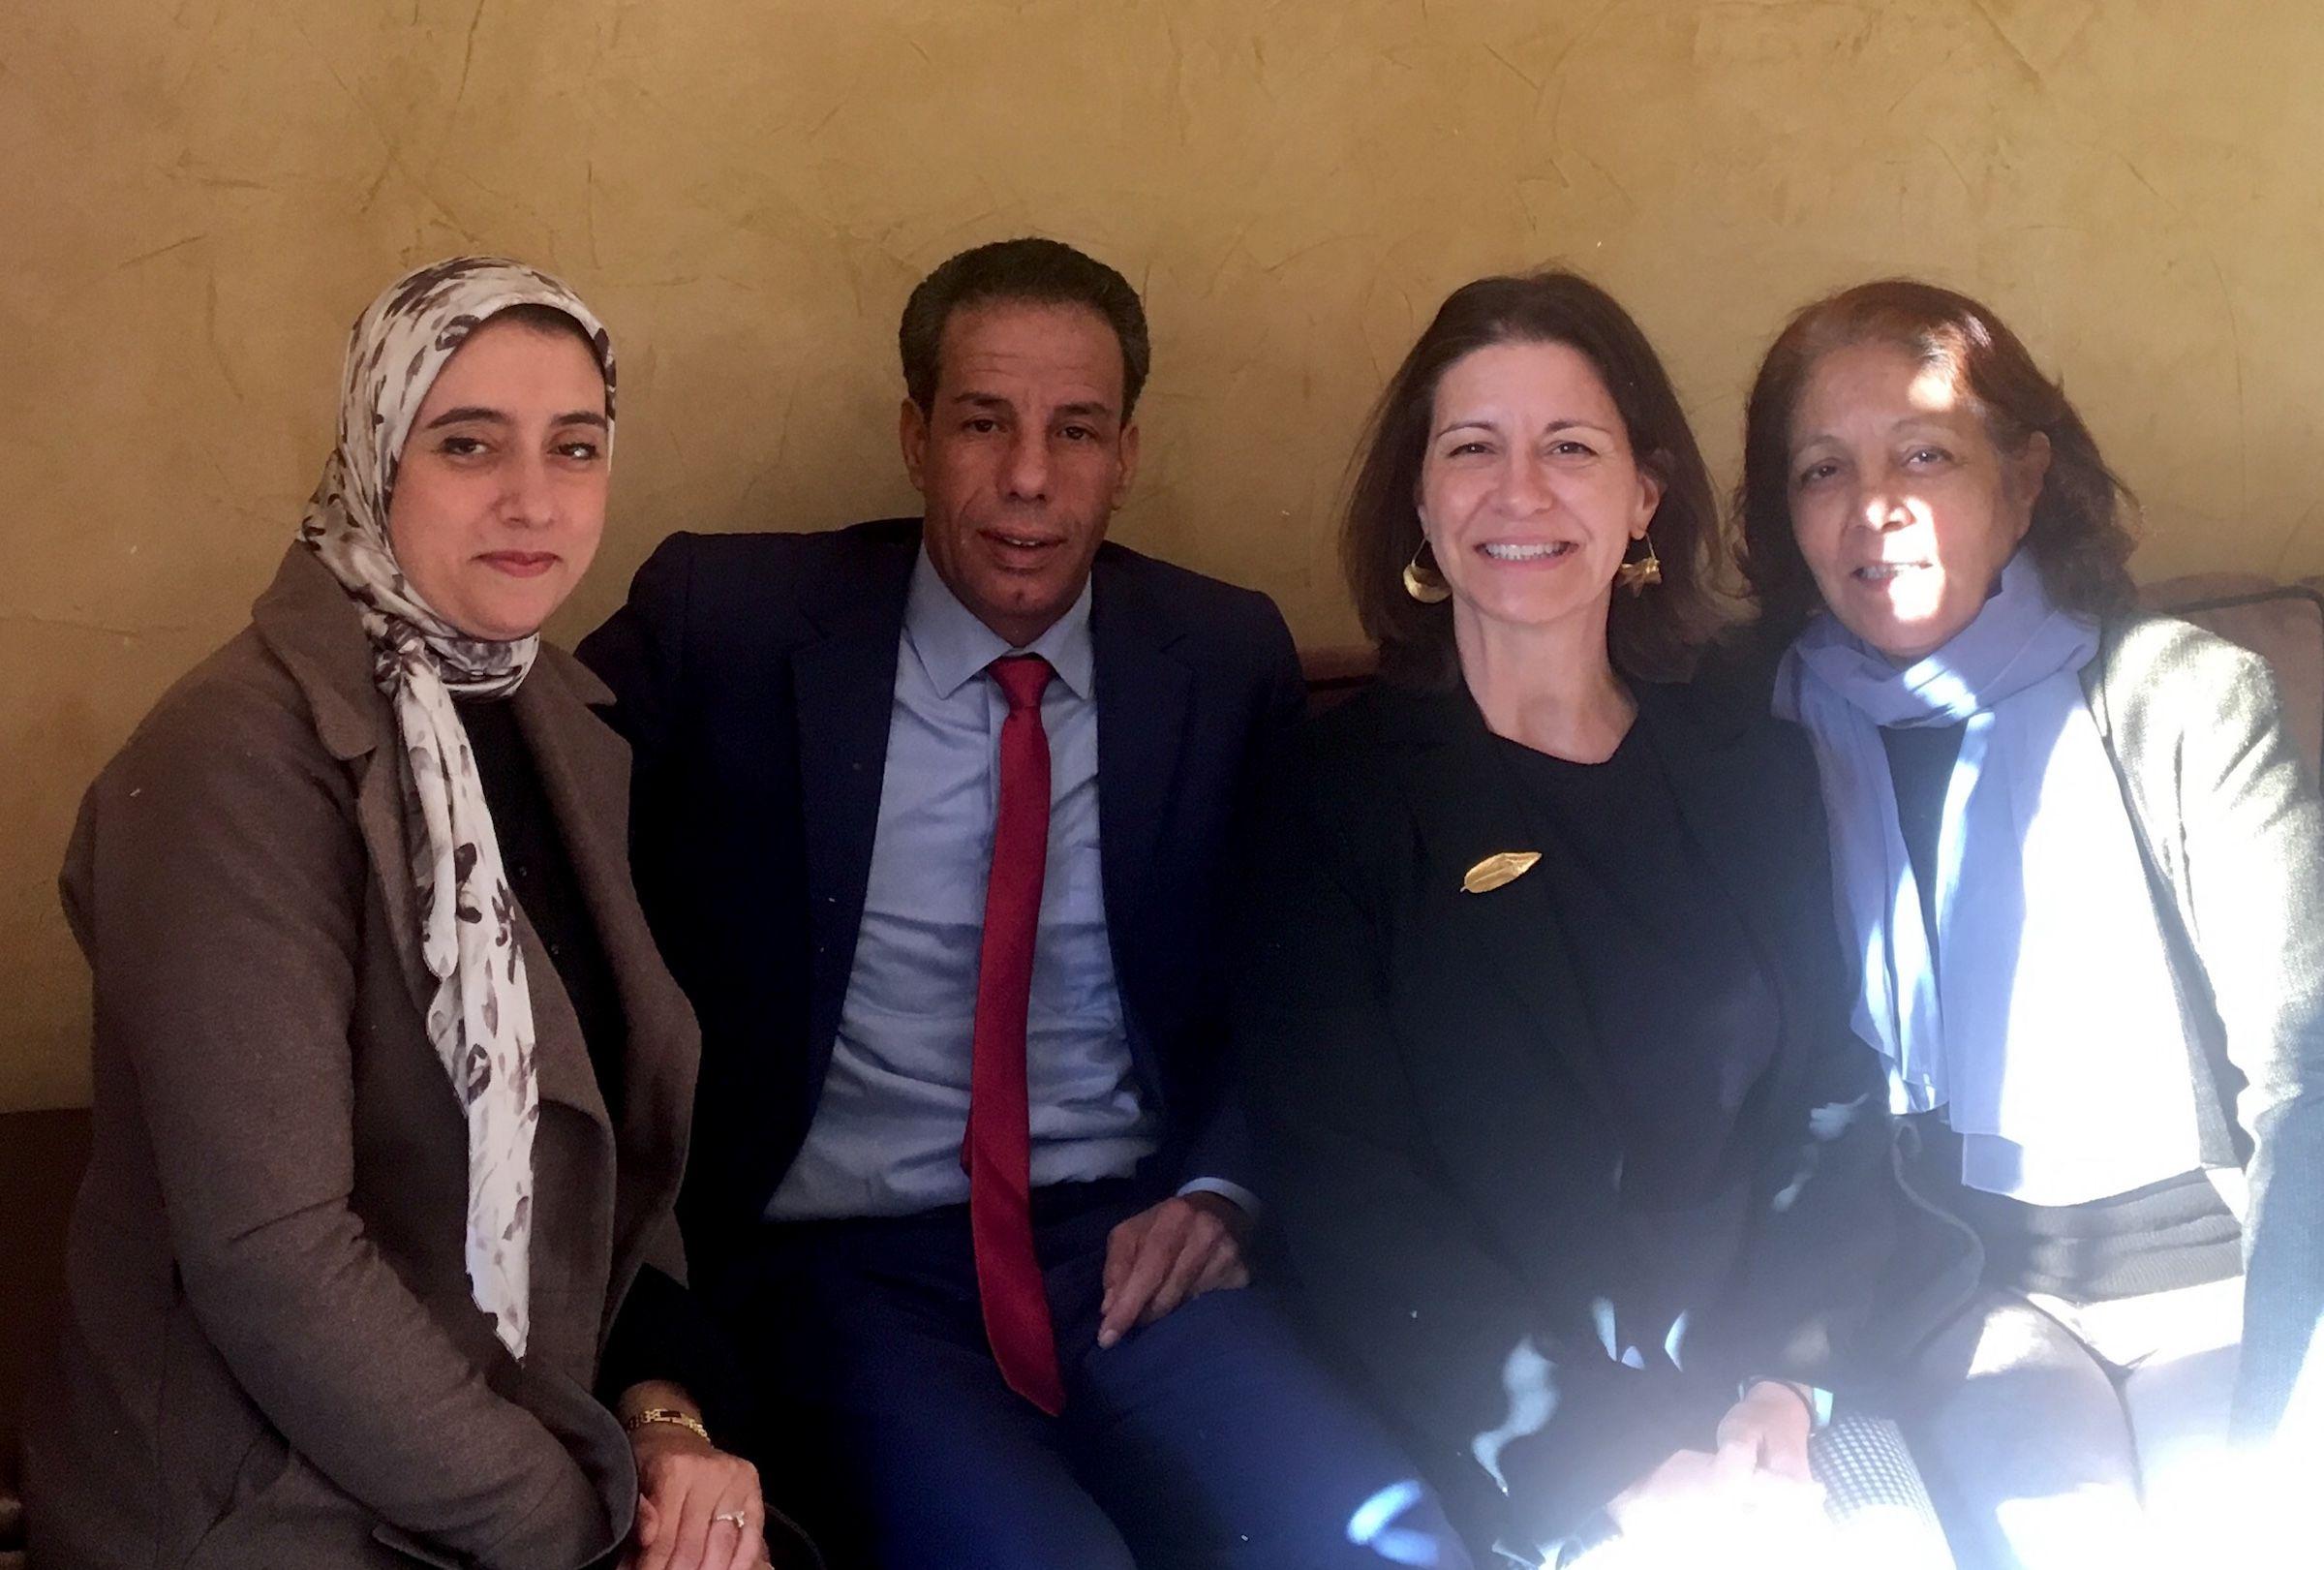 Con la doctora Fatiha Sahli e investigadores de la Universidad Cadi Ayyad.